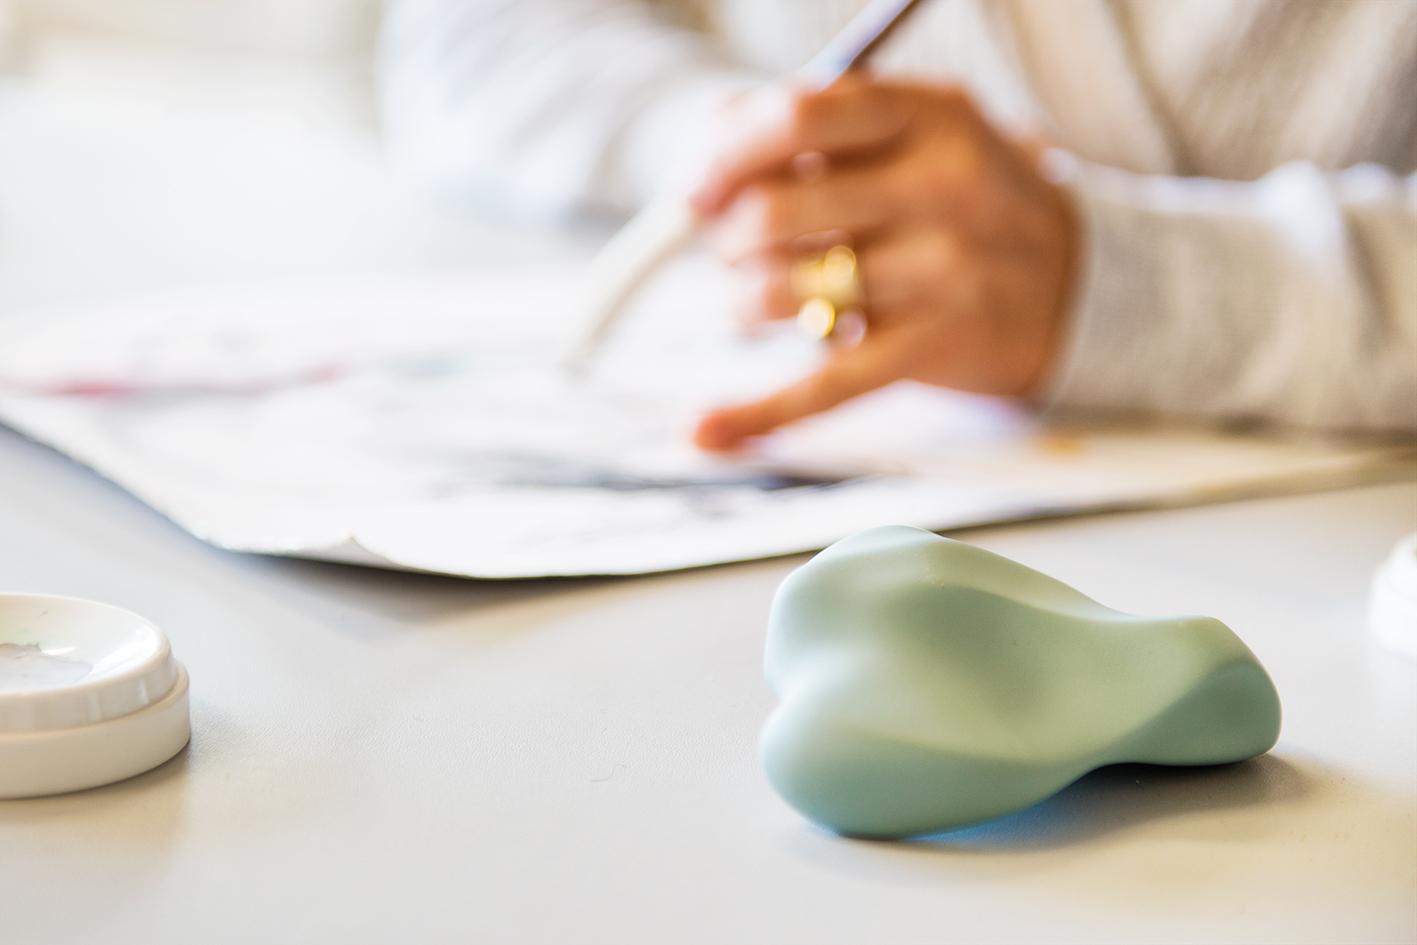 De Voelstenen van de  KoesterKamer  van designer Sofie Boonman vul je met een klein beetje as en deze kun je bij je dragen